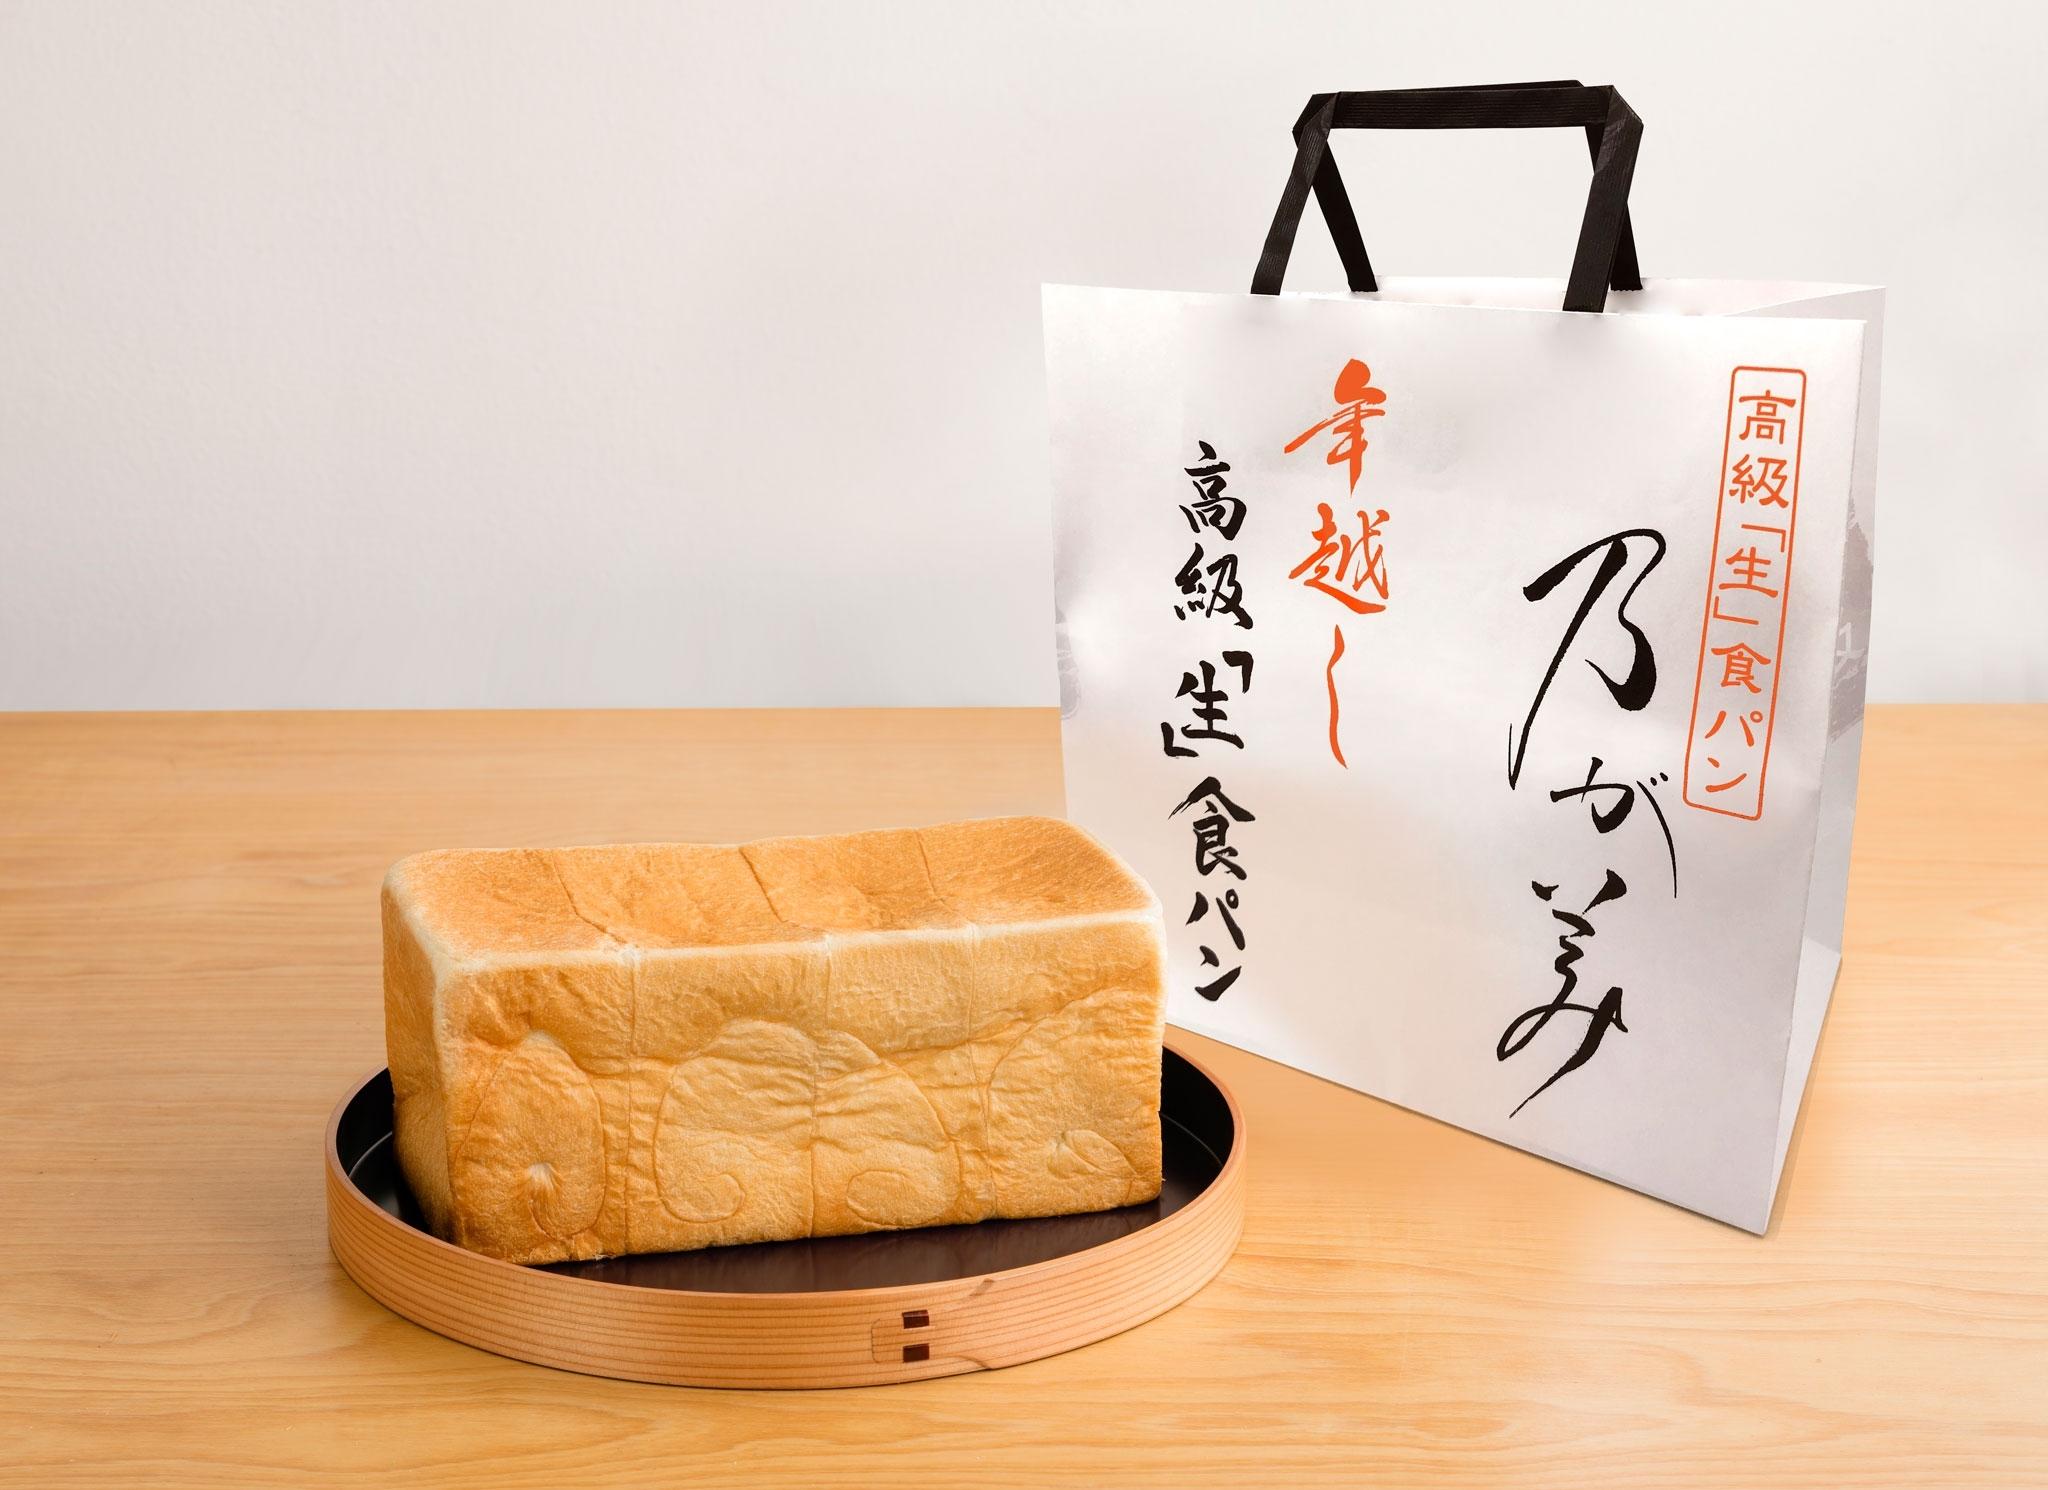 食パン 水戸 が み の